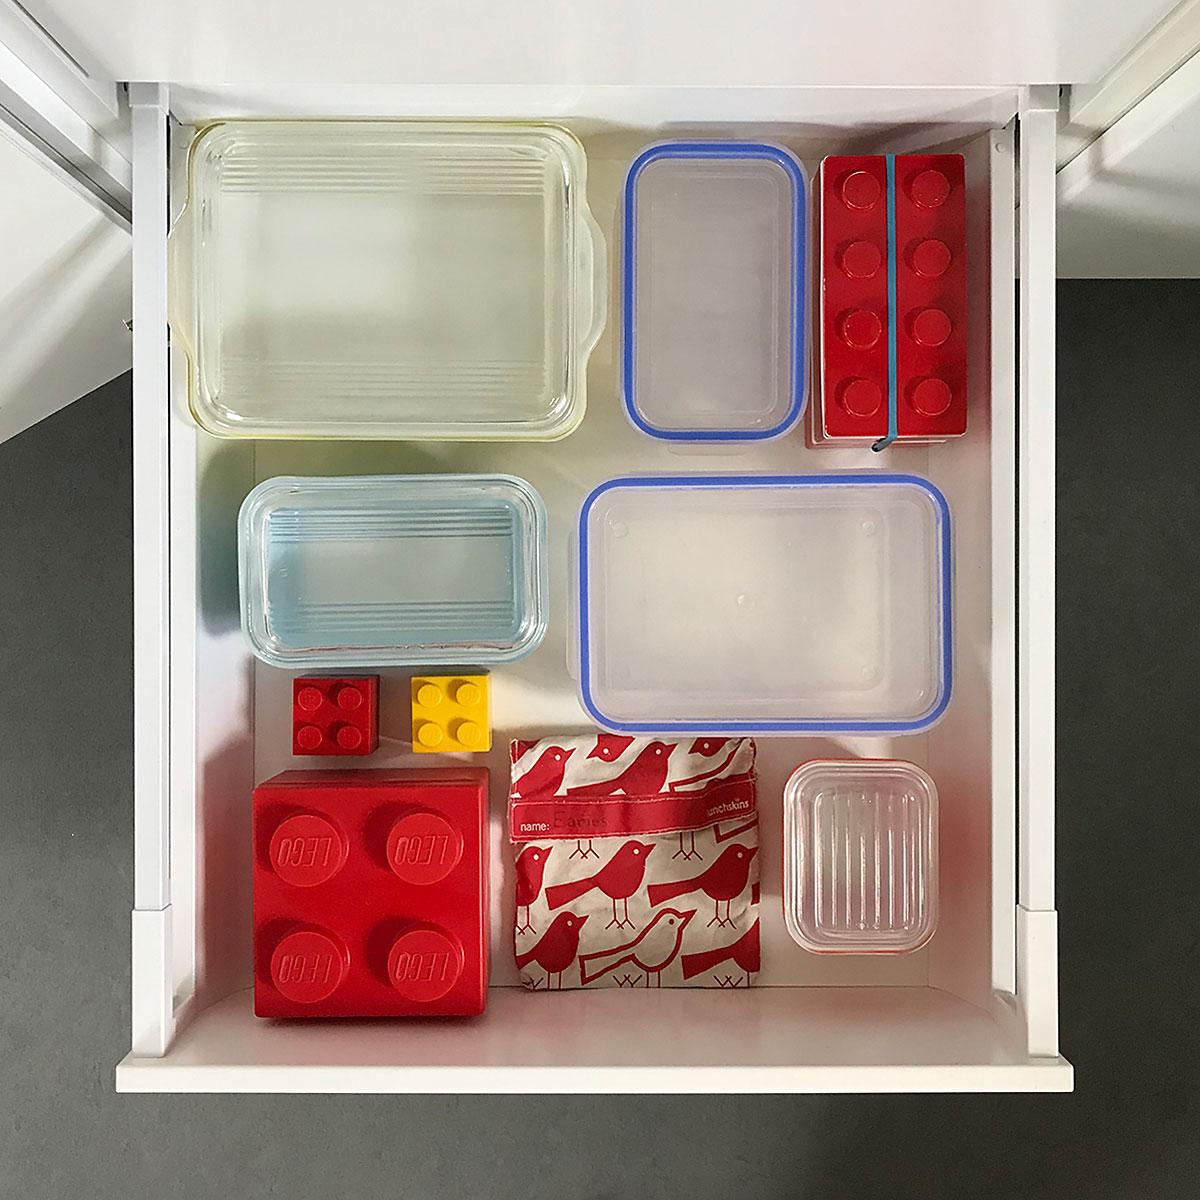 Tiny Trash Can zero waste food storage